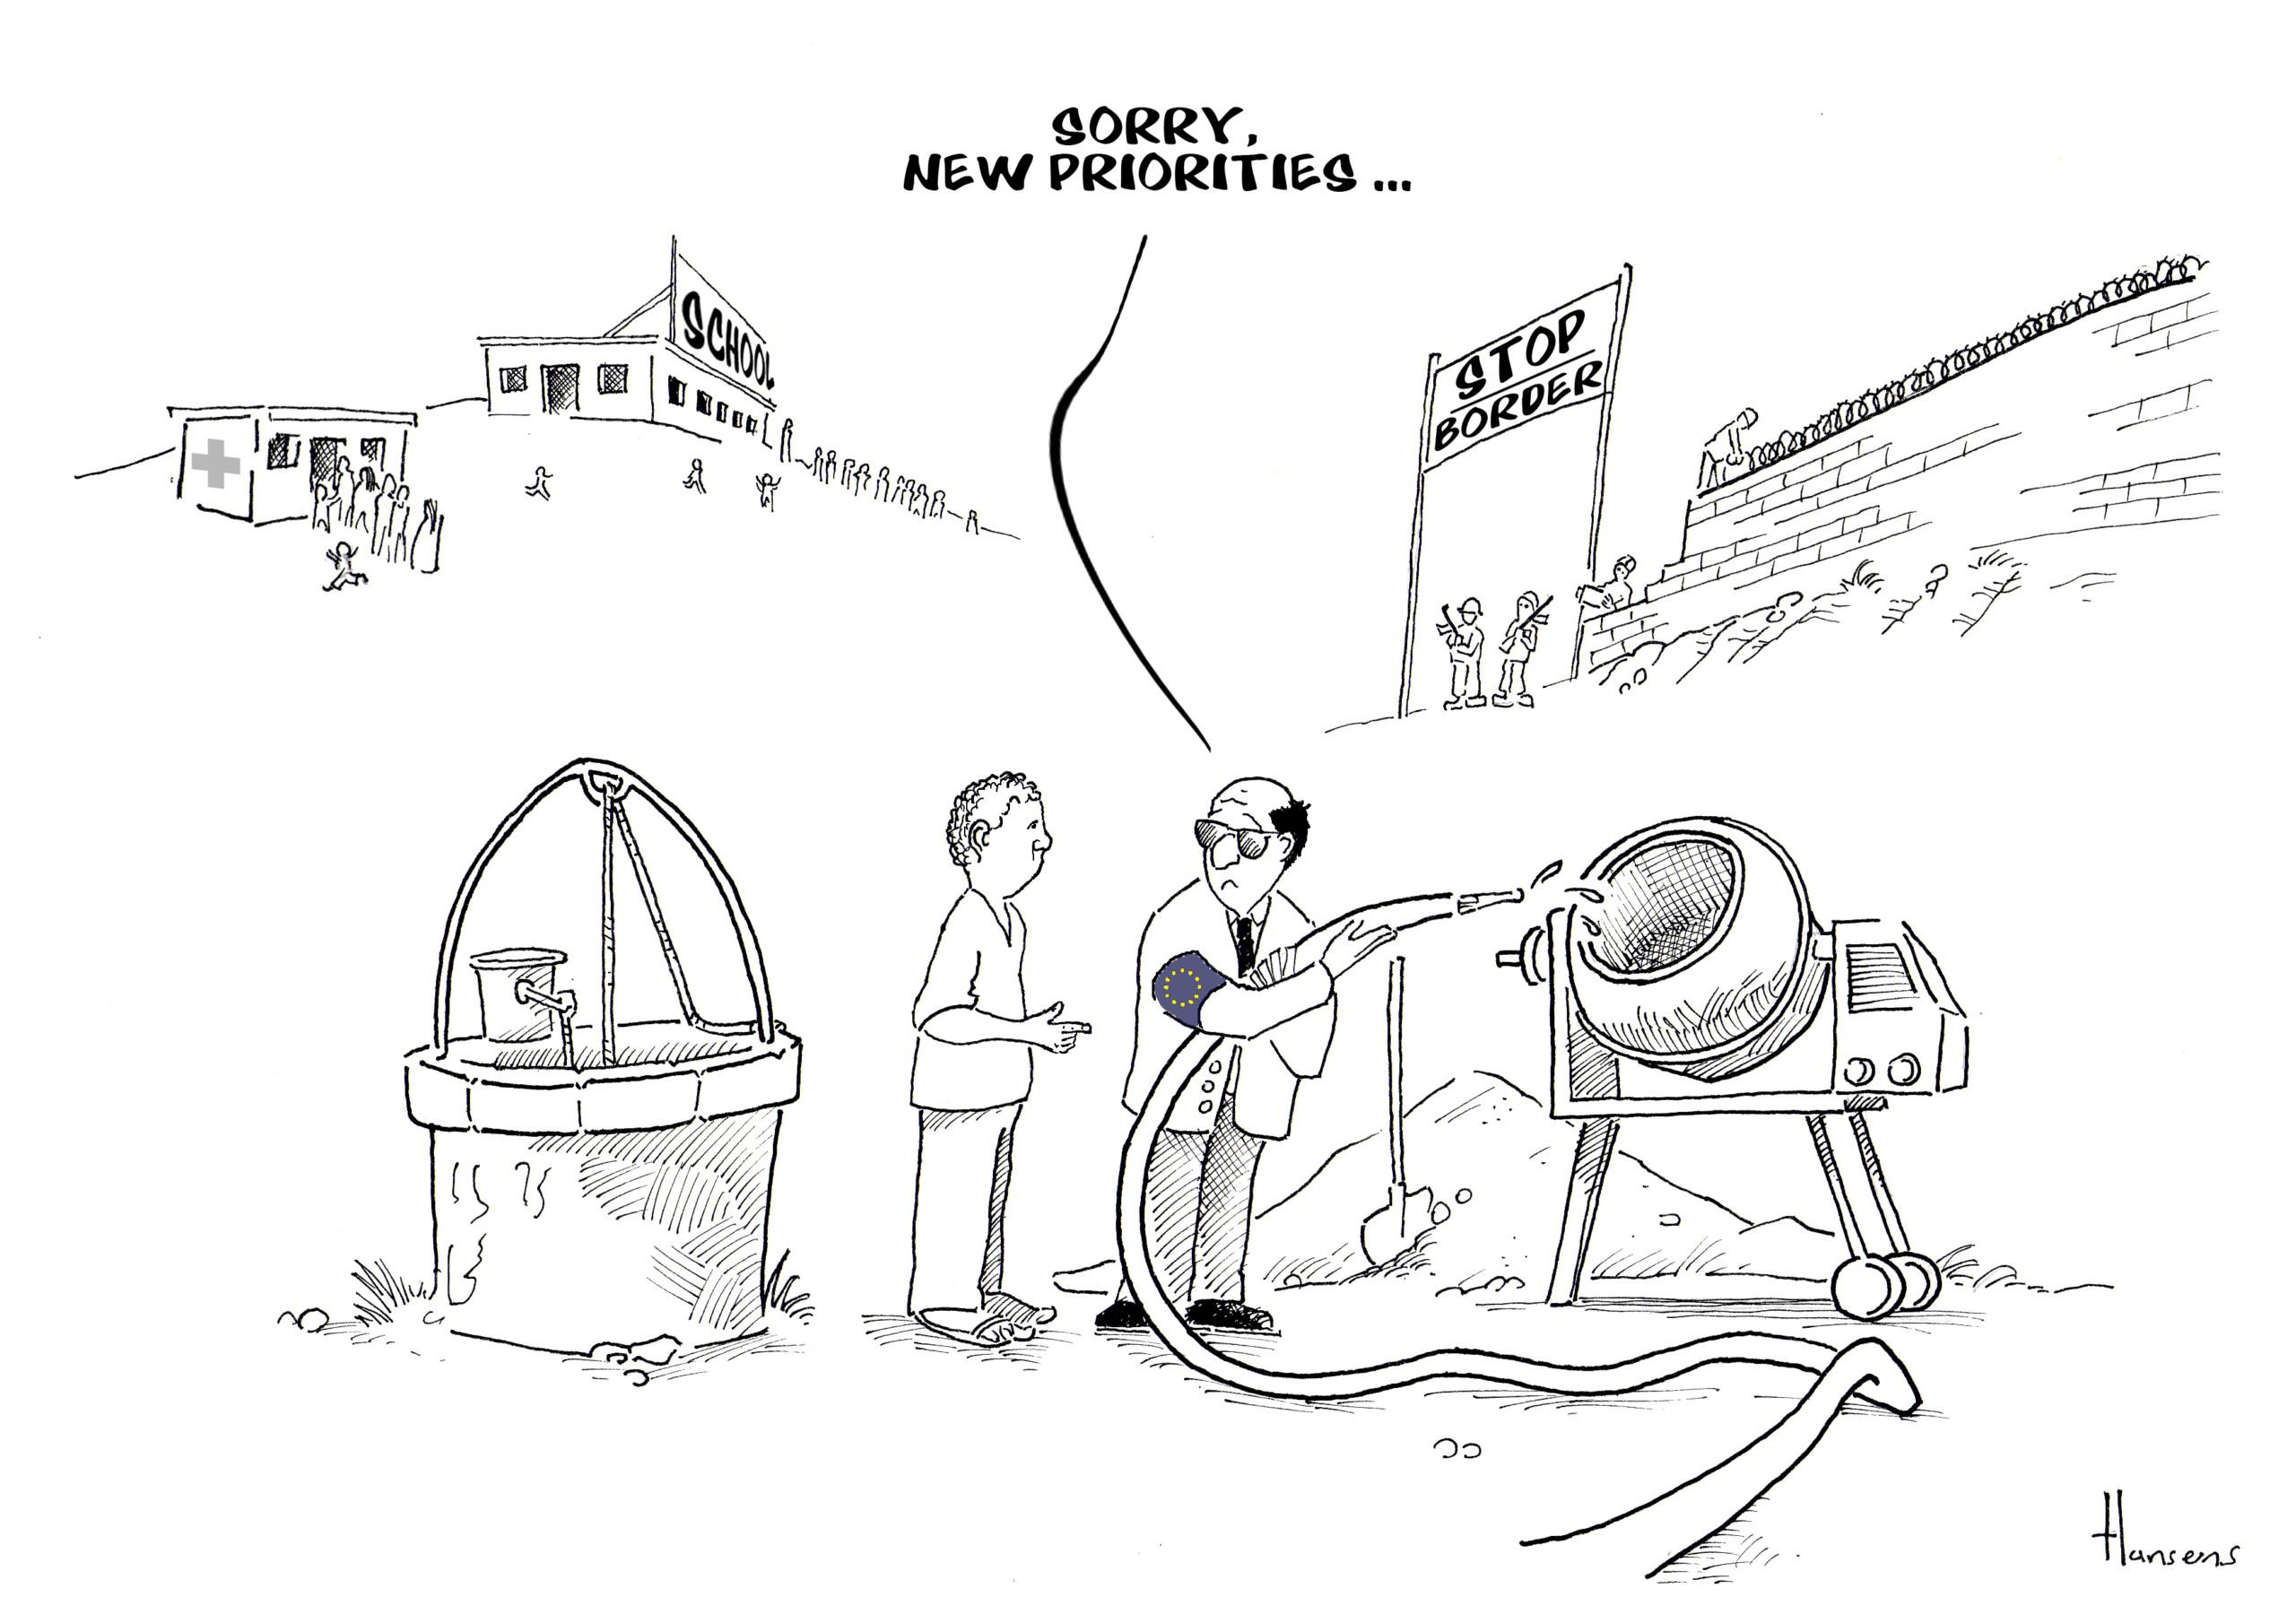 Cartoon_Misplaced Trust